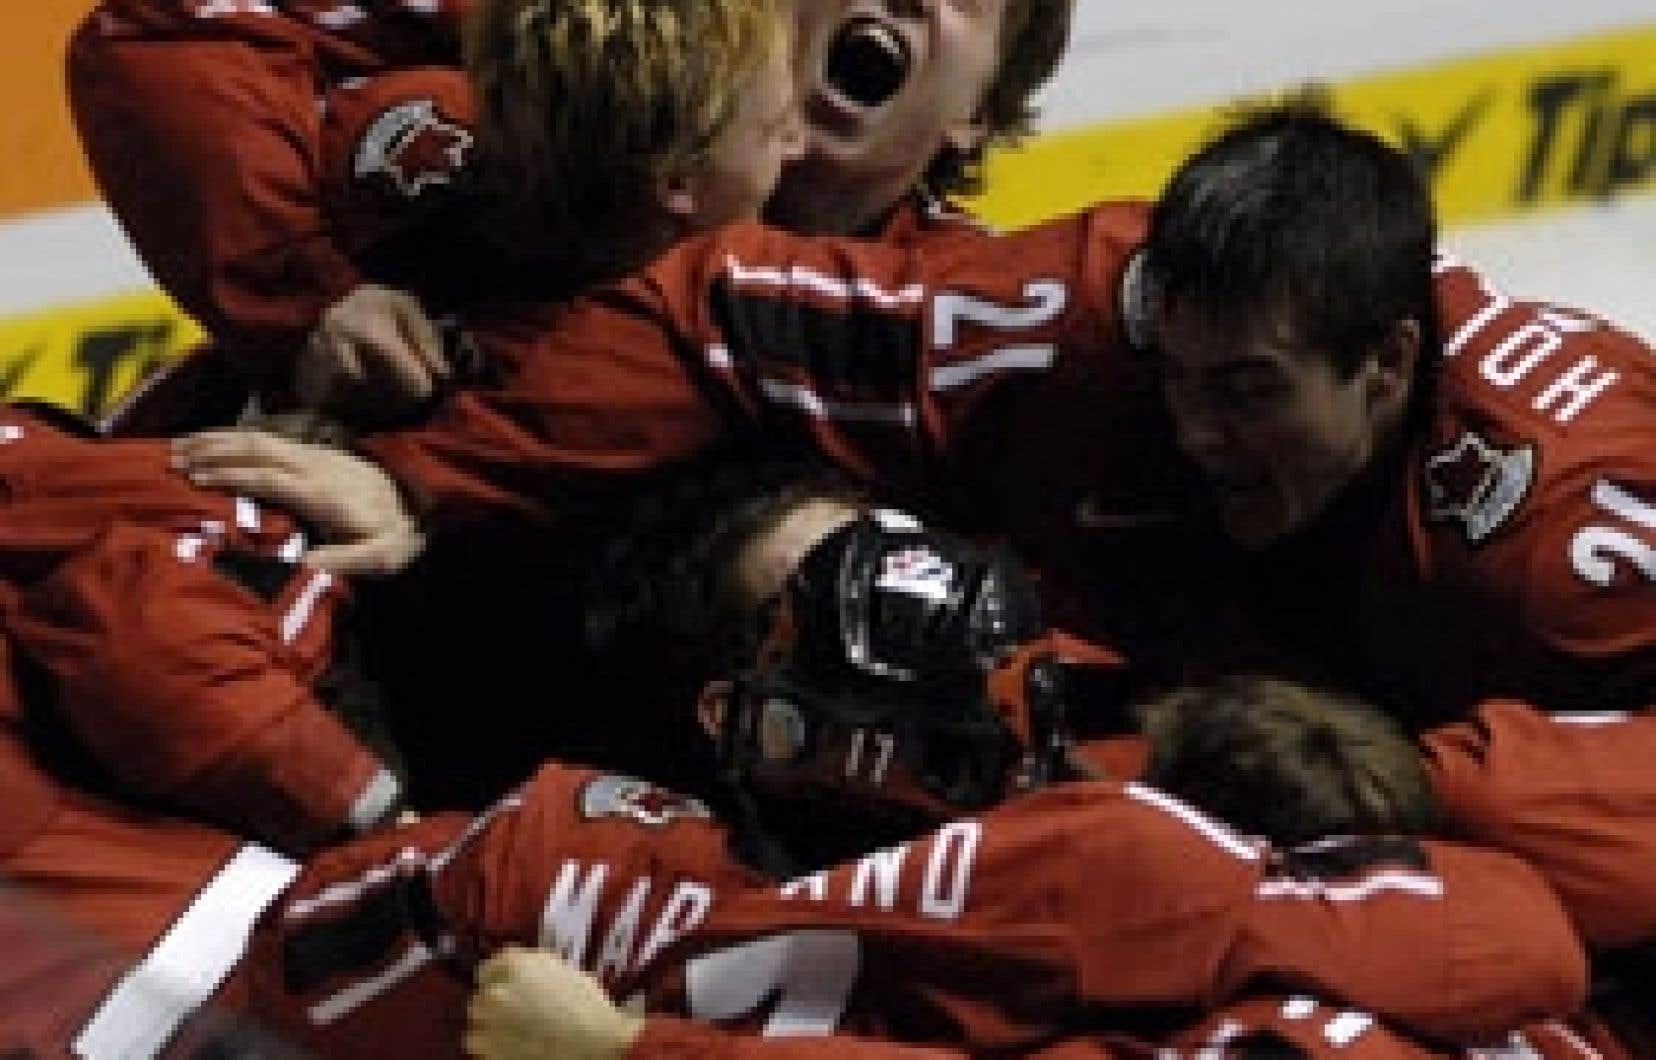 Le 5 janvier à Pardubice, en République tchèque, les jeunes hockeyeurs canadiens ont défait la Suède 3-2 en prolongation, permettant ainsi au Canada de remporter une quatrième médaille d'or consécutive.